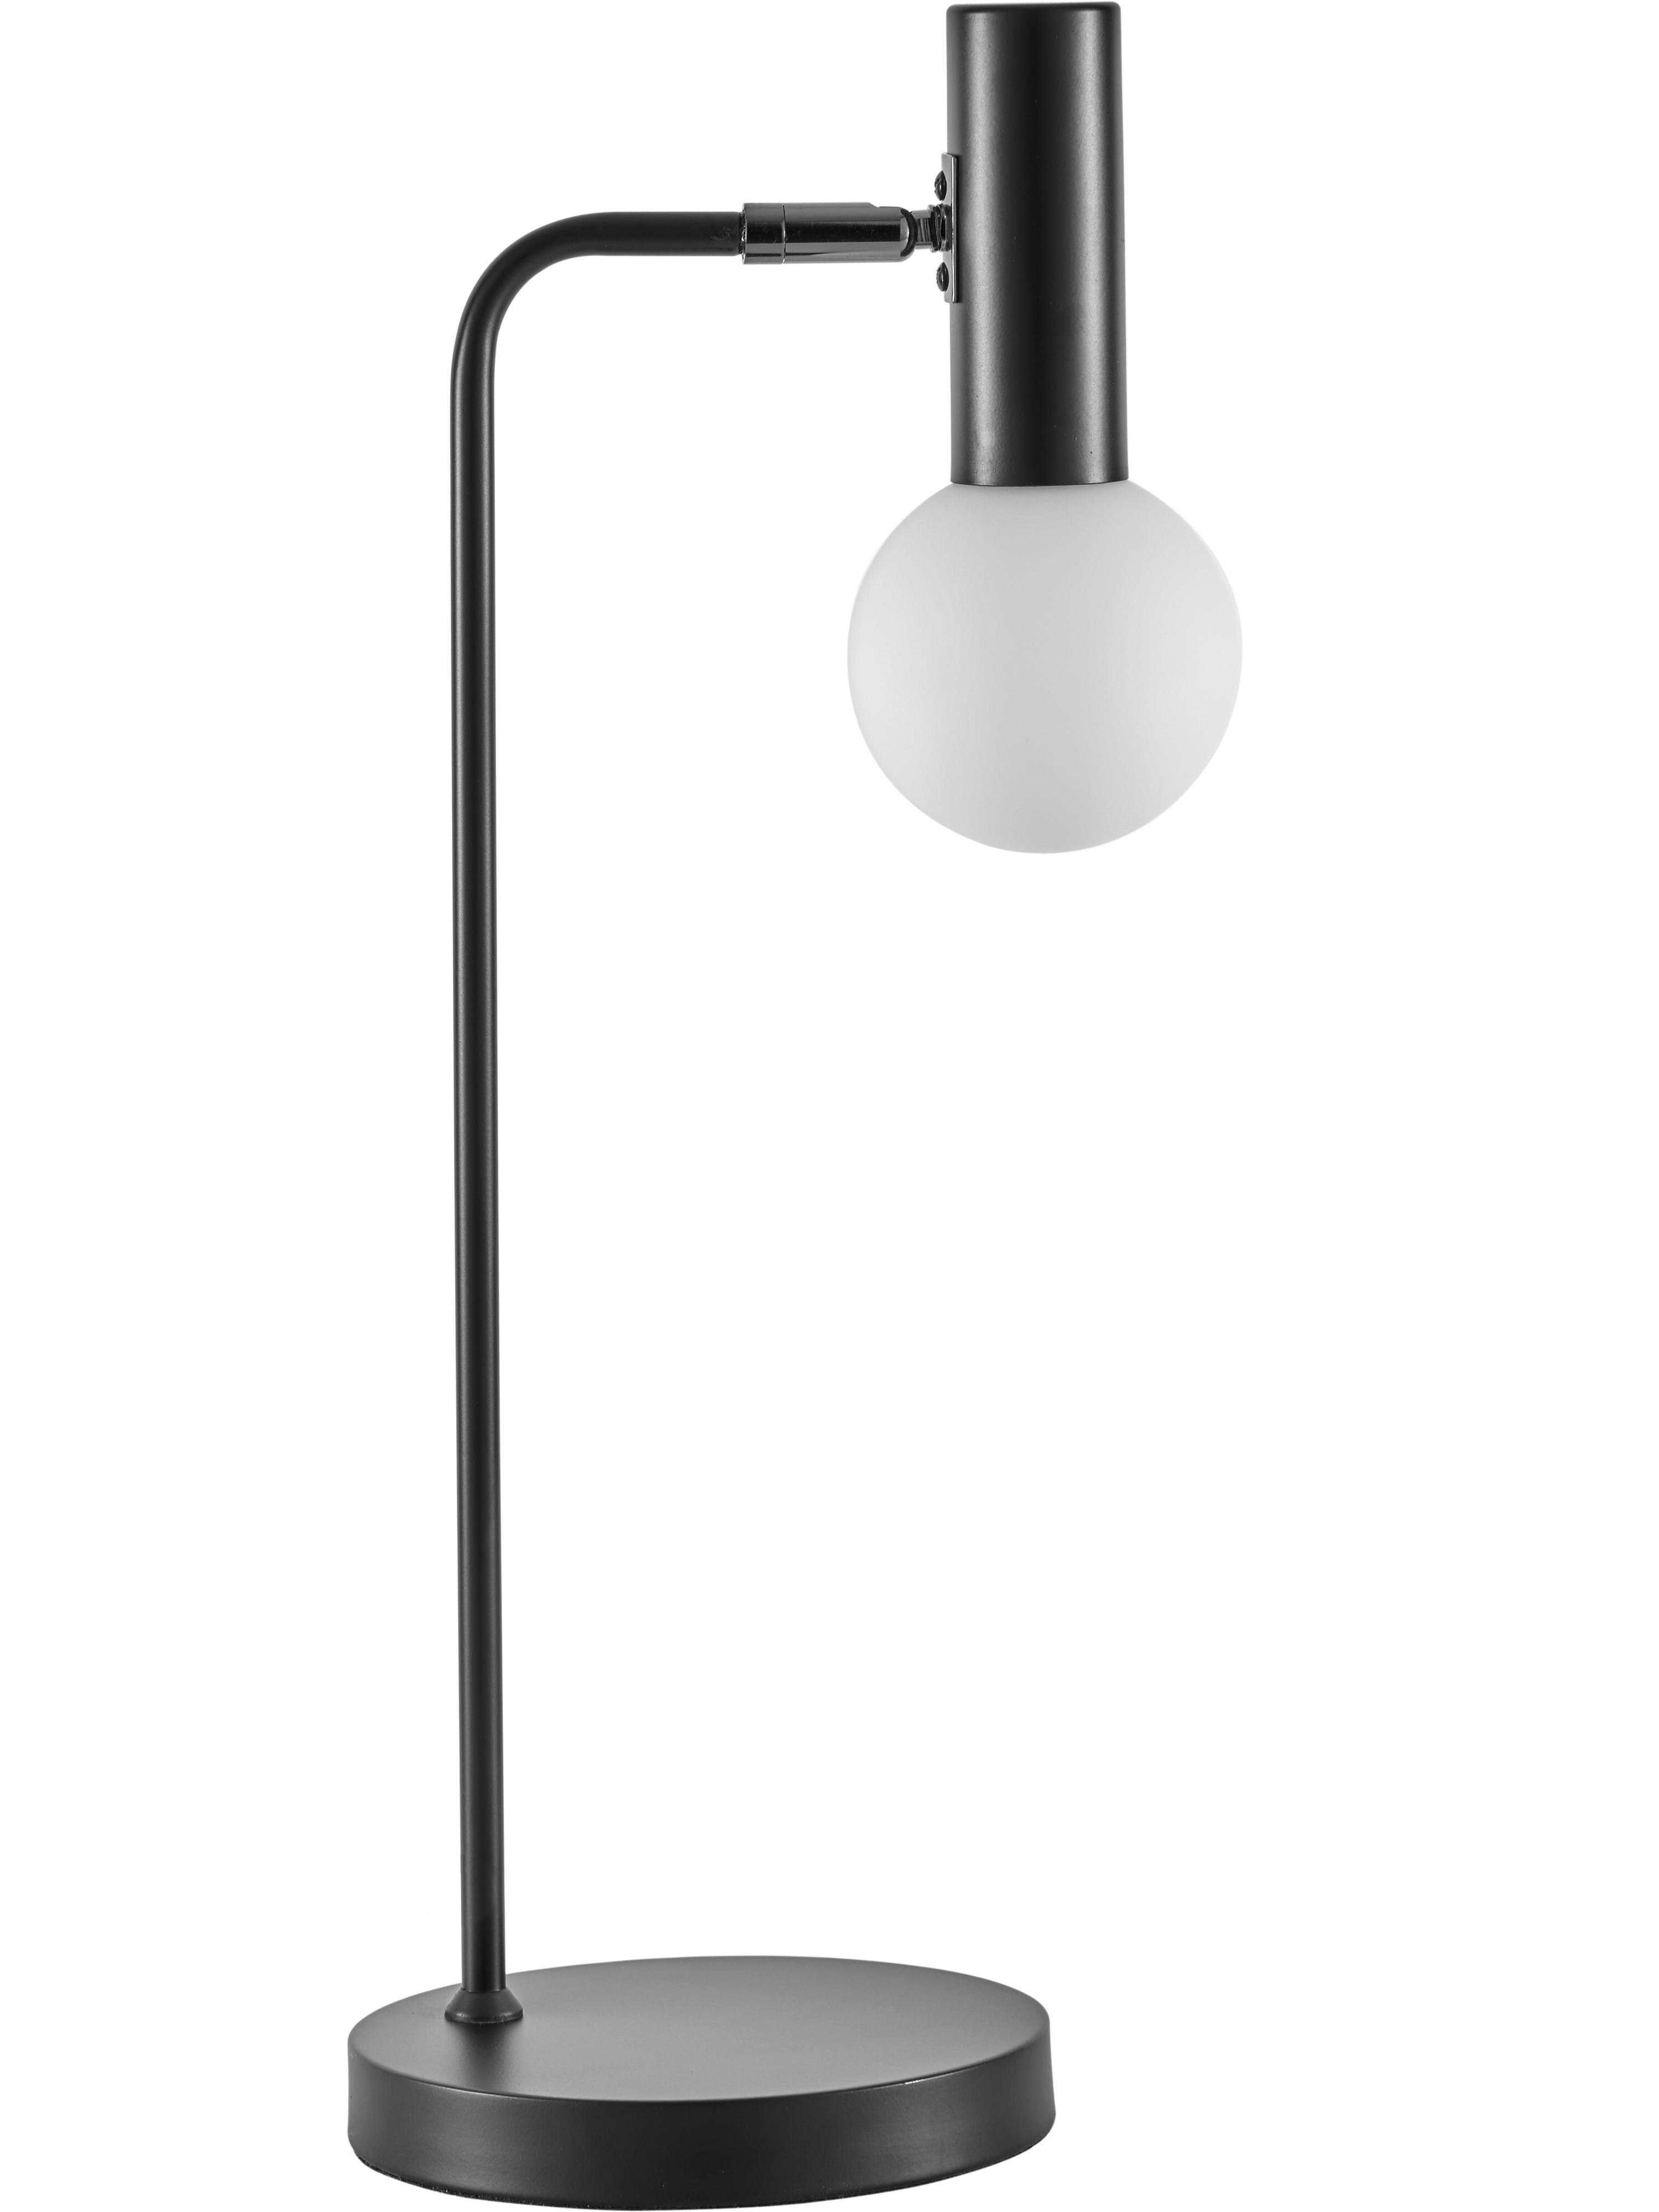 Große Schreibtischlampe Wilson mit Glasschirm, Lampenfuß: Metall, pulverbeschichtet, Lampenschirm: Glas, Schwarz, Ø 10 x H 53 cm